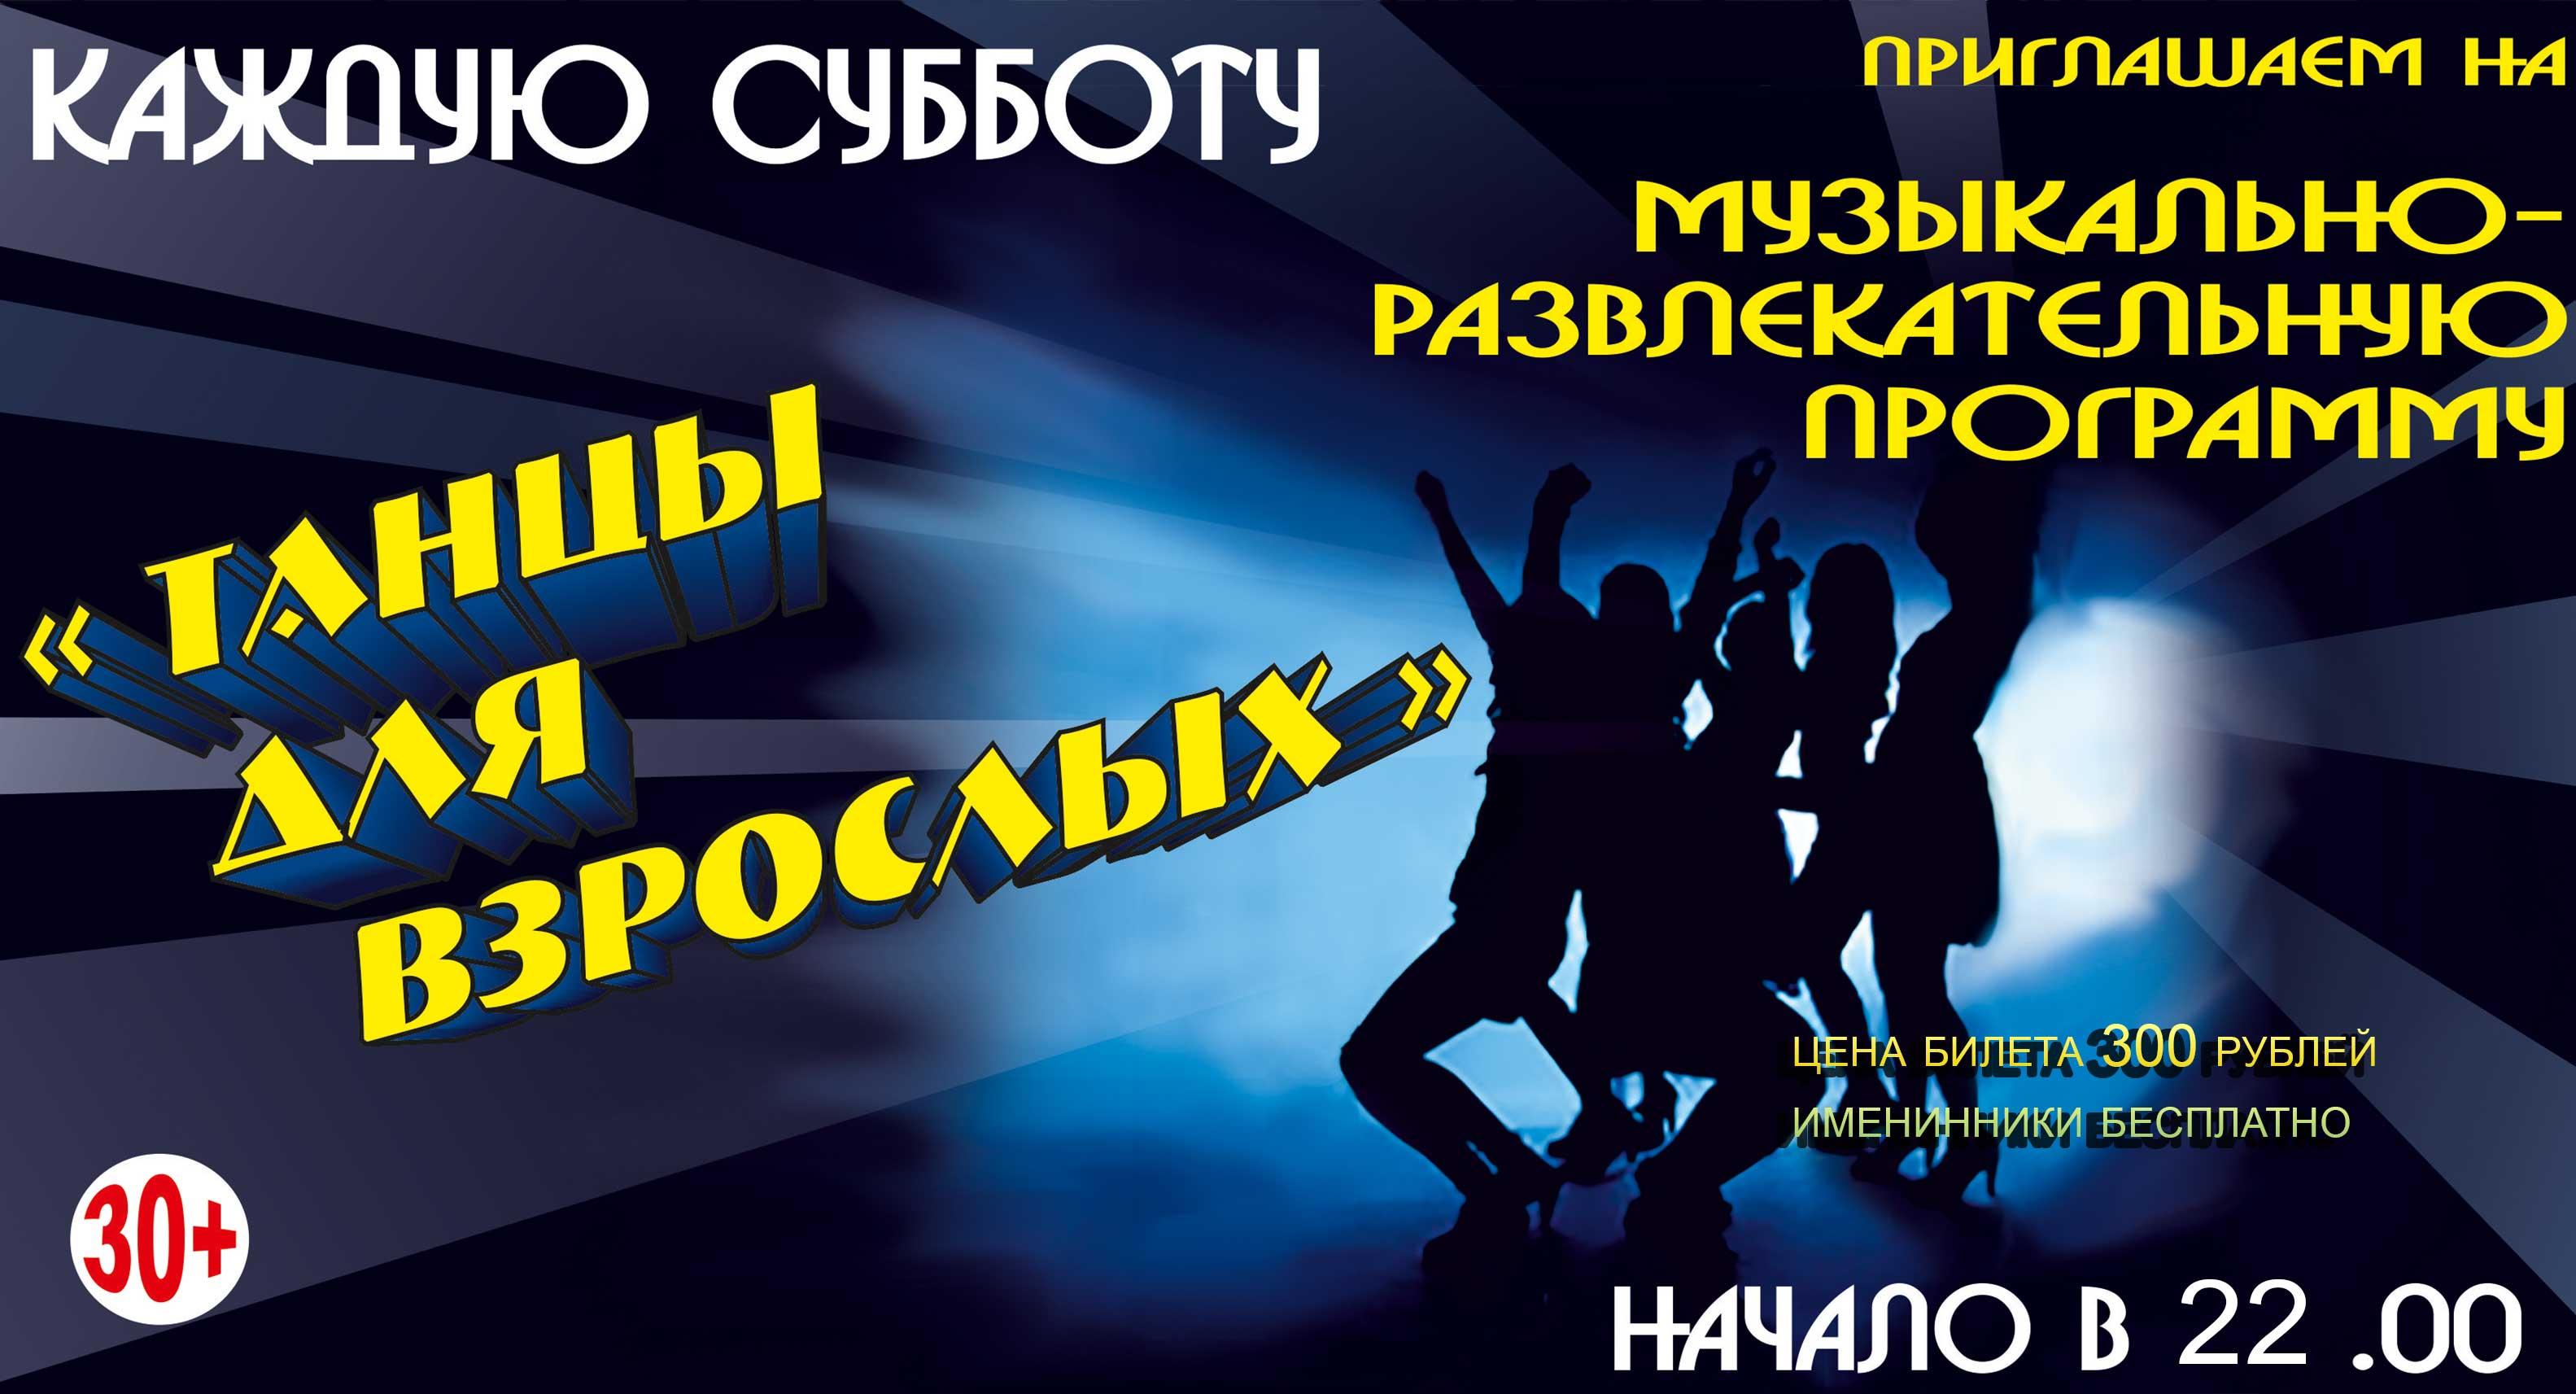 Танцы суббота